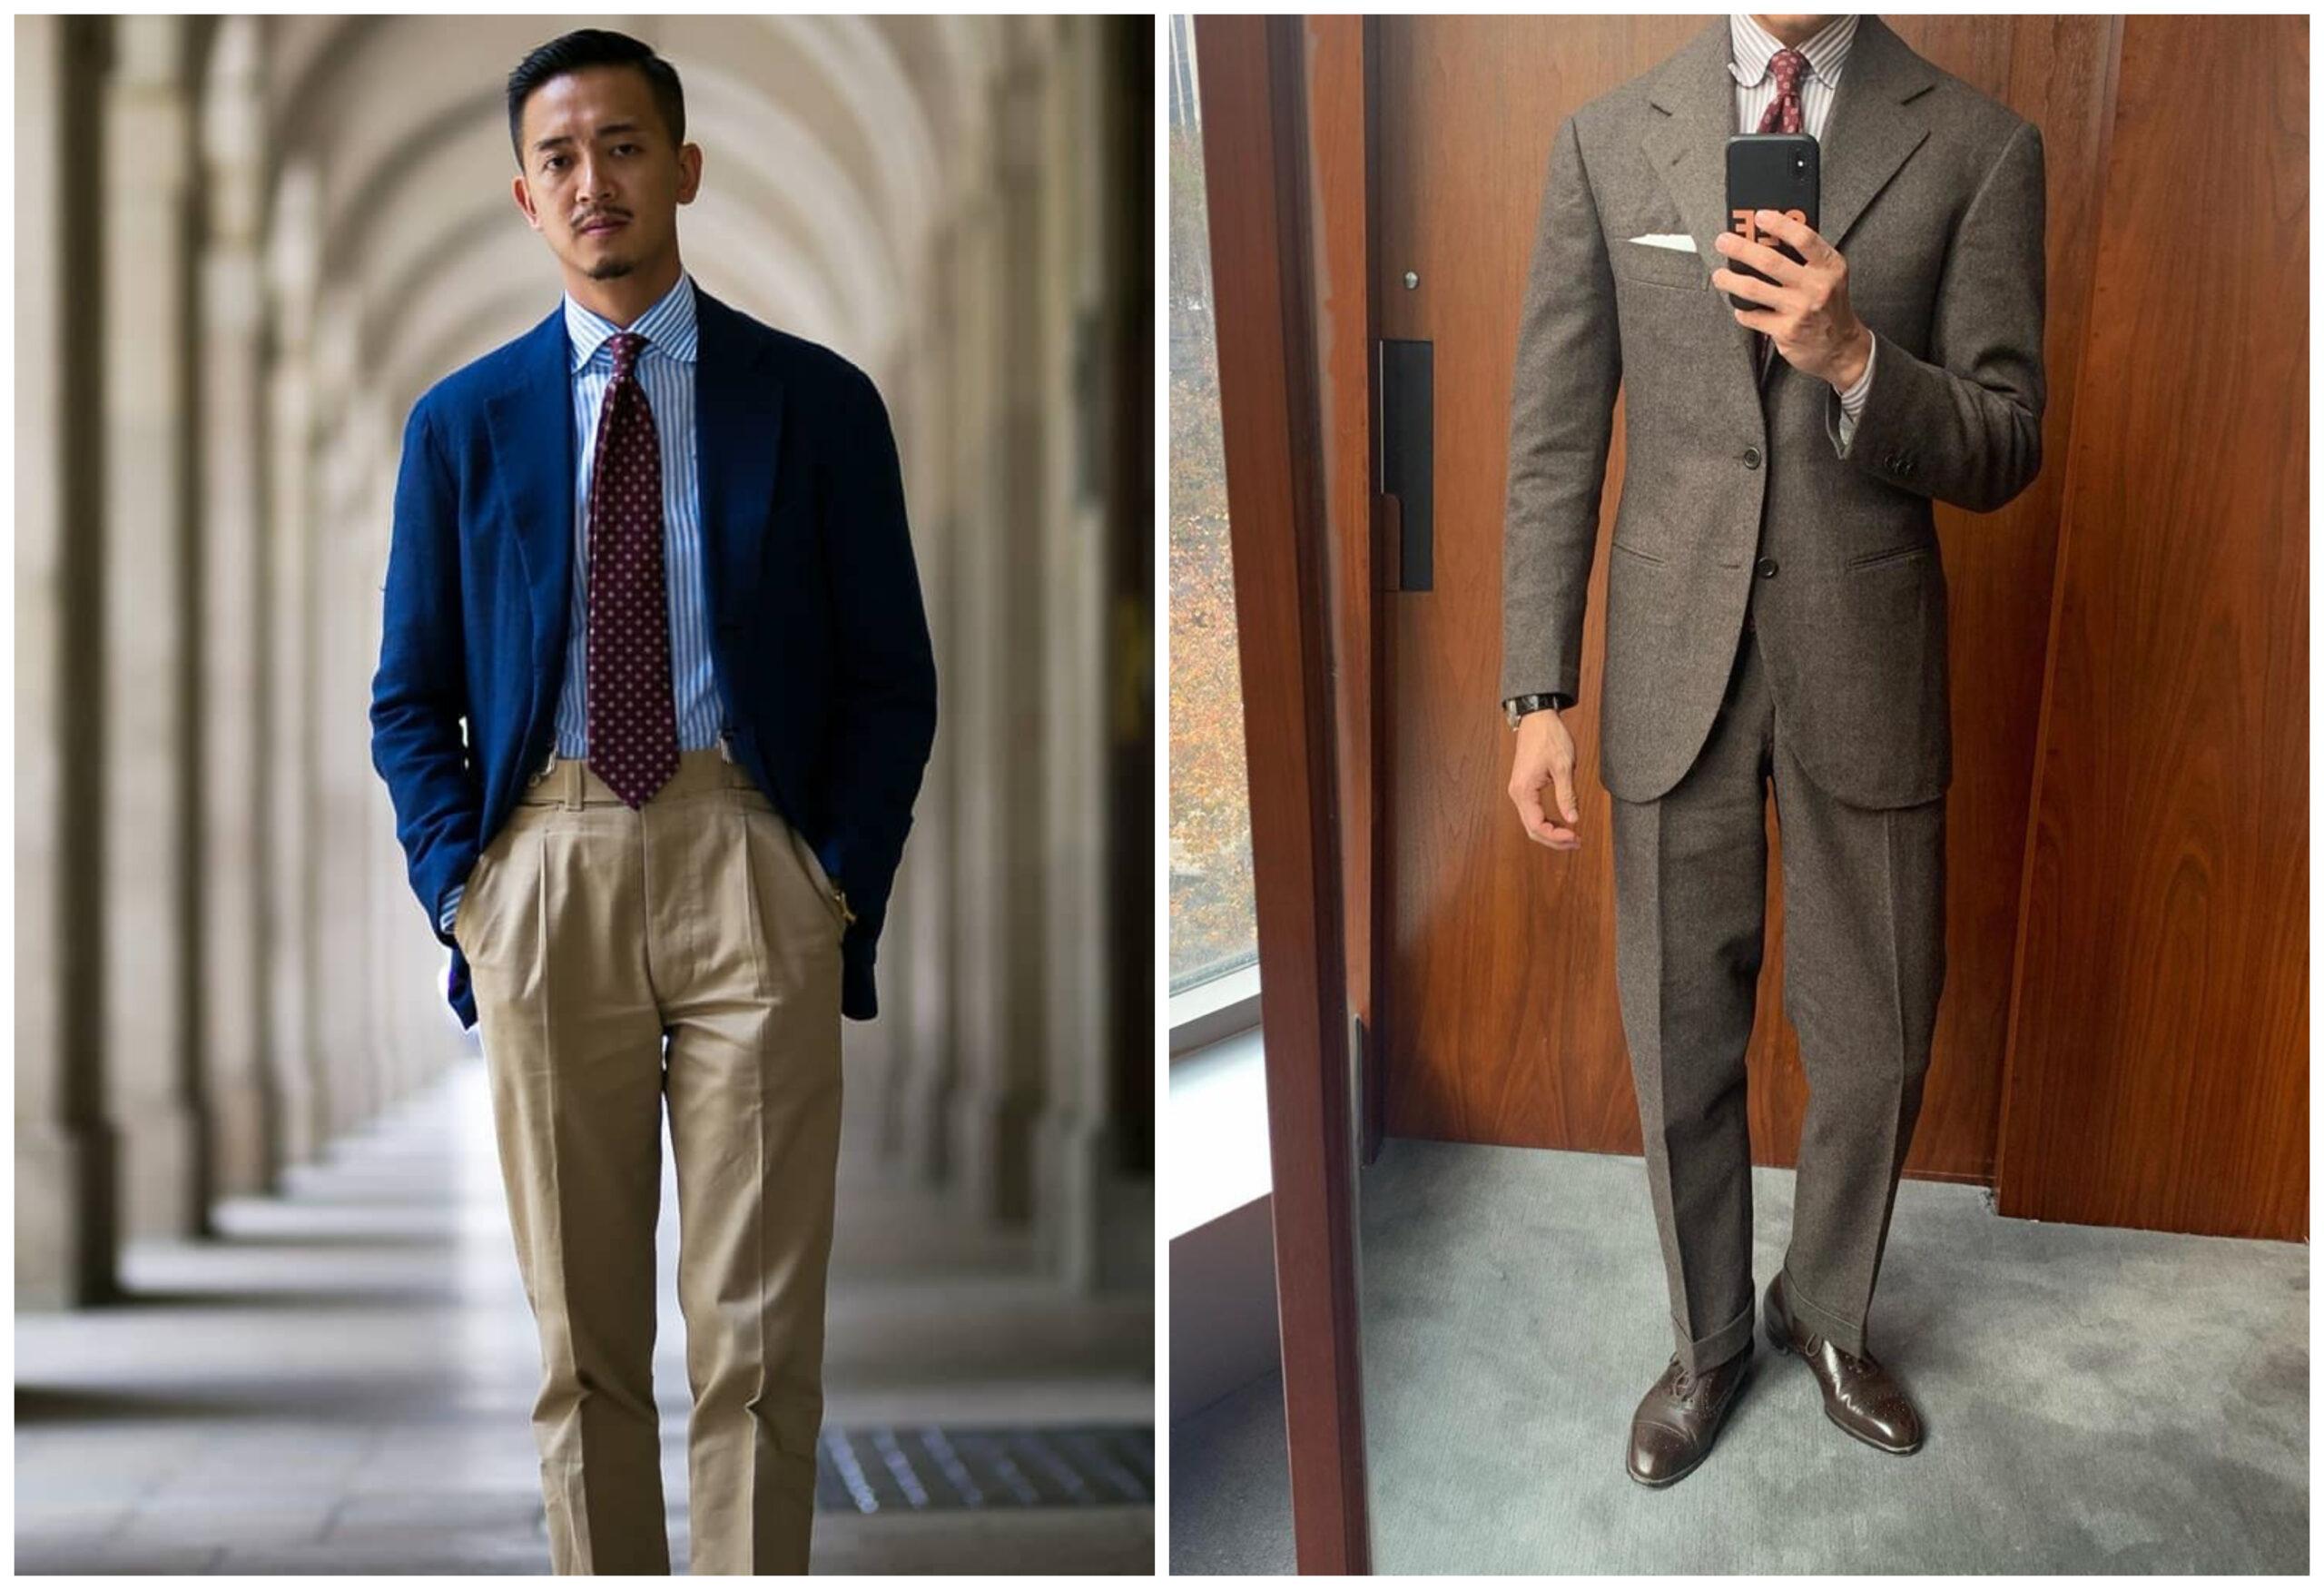 Il s'agit bien de la même personne (Alan See), la veste de costume présente des épaules structurées comparée à la veste sport. Sans même avoir recours à une compensation de carrure, le torse paraît plus athlétique.